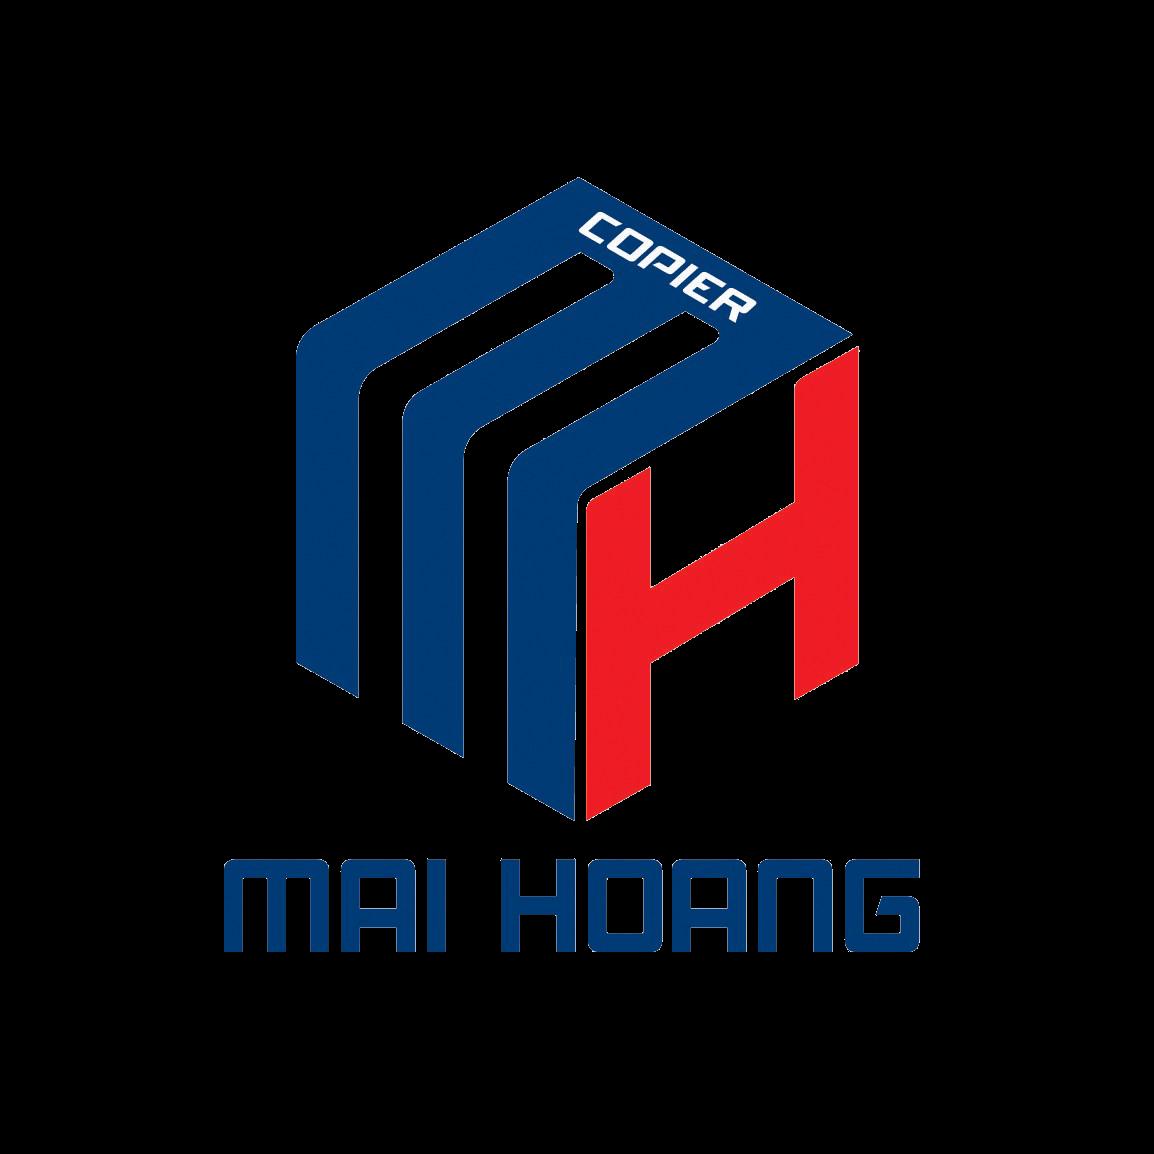 CÔNG TY CỔ PHẦN THIẾT BỊ VĂN PHÒNG MAI HOÀNG